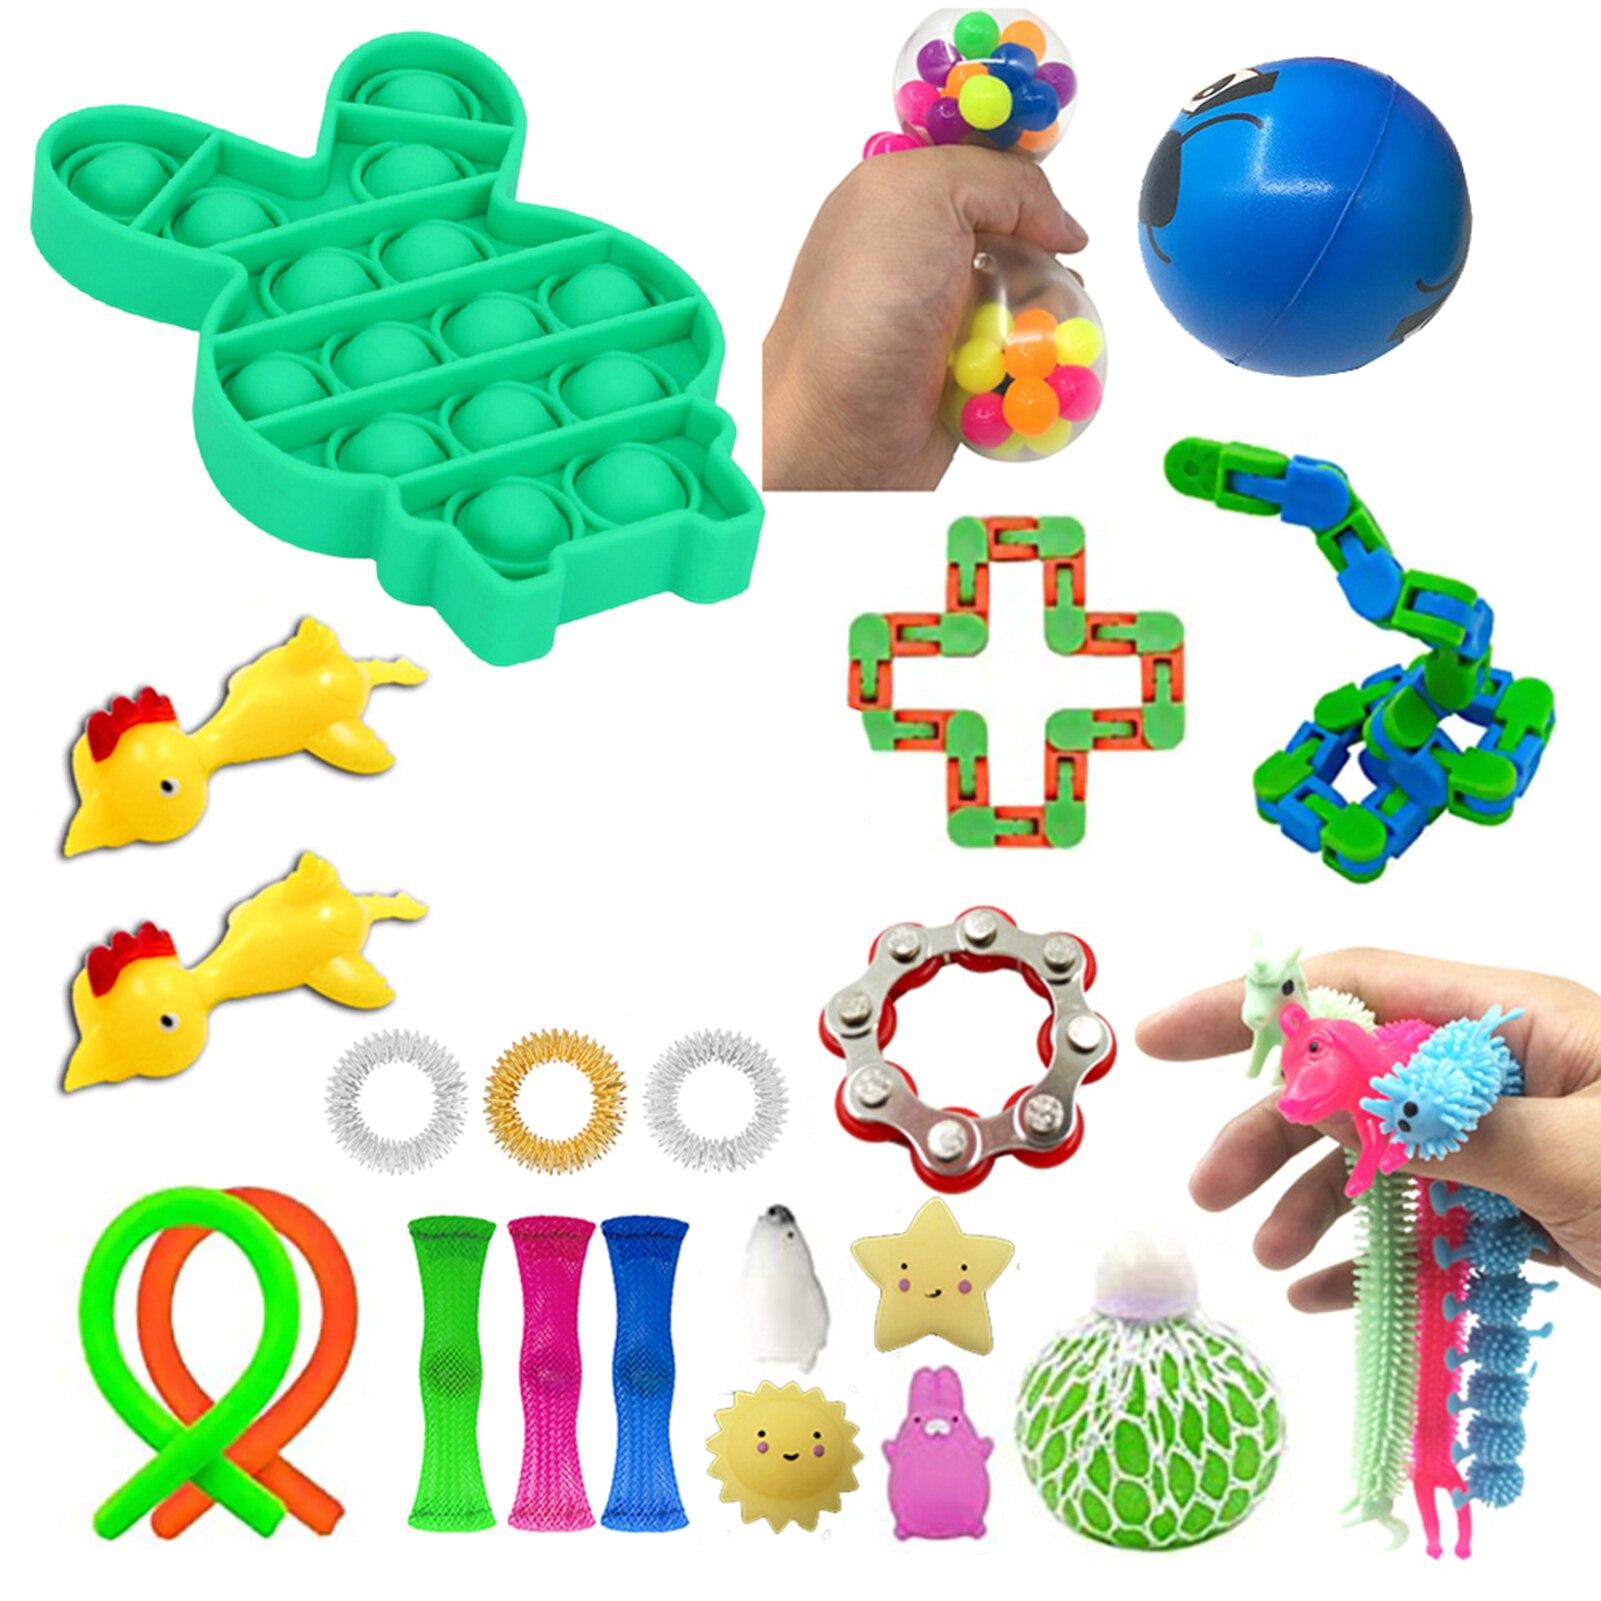 Lot de 24 jouets sensoriels Fidget ensemble de jouets anti-Stress pour enfants adultes lot de 24 jouets sensoriels Fidget ensemble de jouets anti-Stress pour enfants